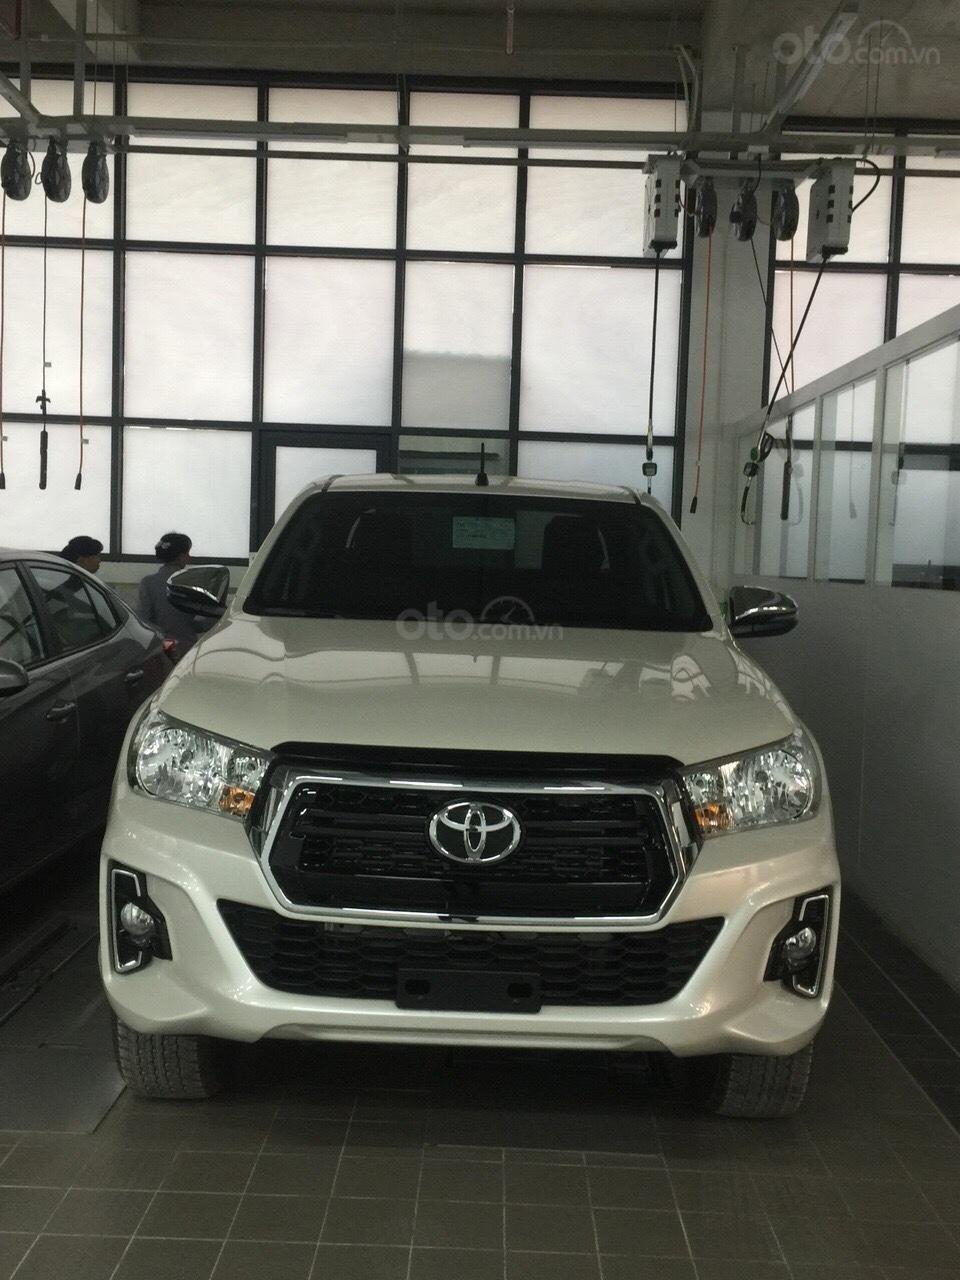 Toyota Hilux 2019 nhập khẩu - đủ màu giao ngay, giảm giá sốc và nhiều quà tặng giá trị. LH 097504019 (1)